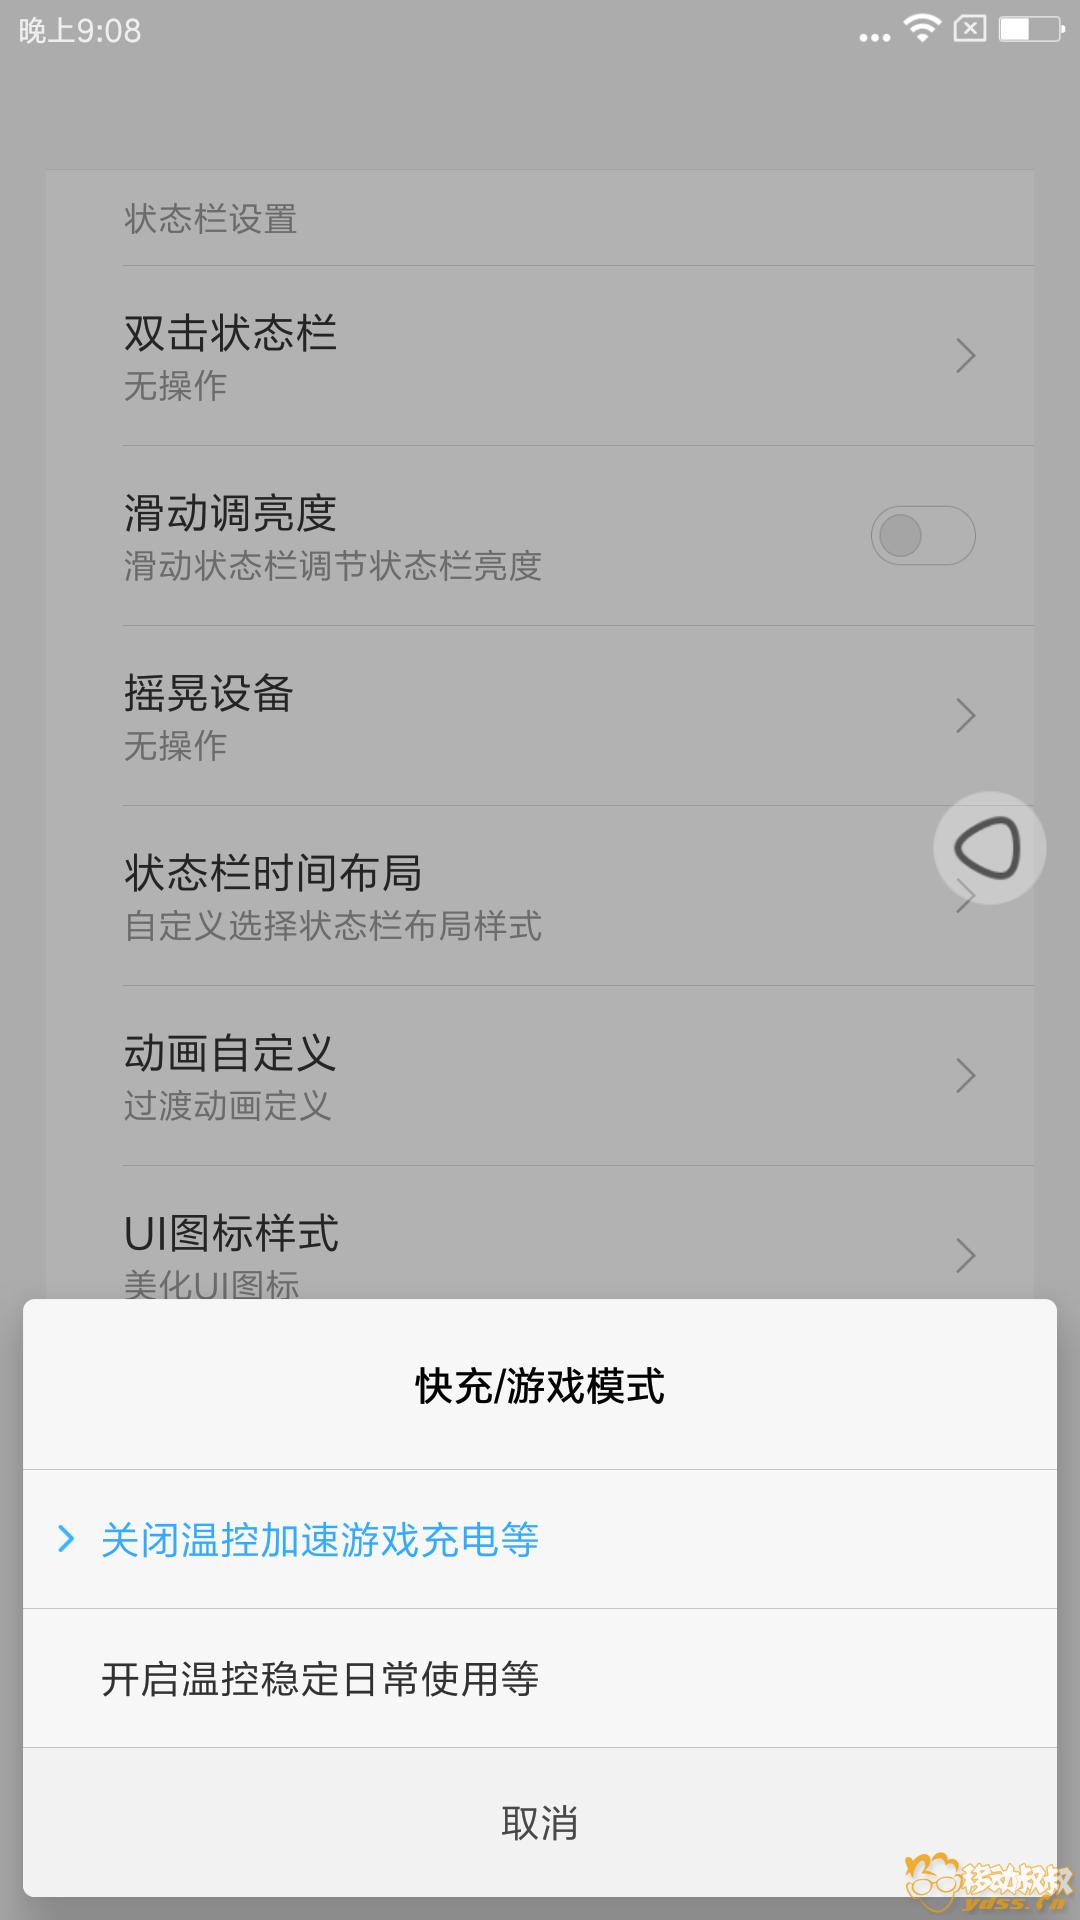 Screenshot_2018-04-03-21-08-42-802_com.davidking.miuidksettings.png